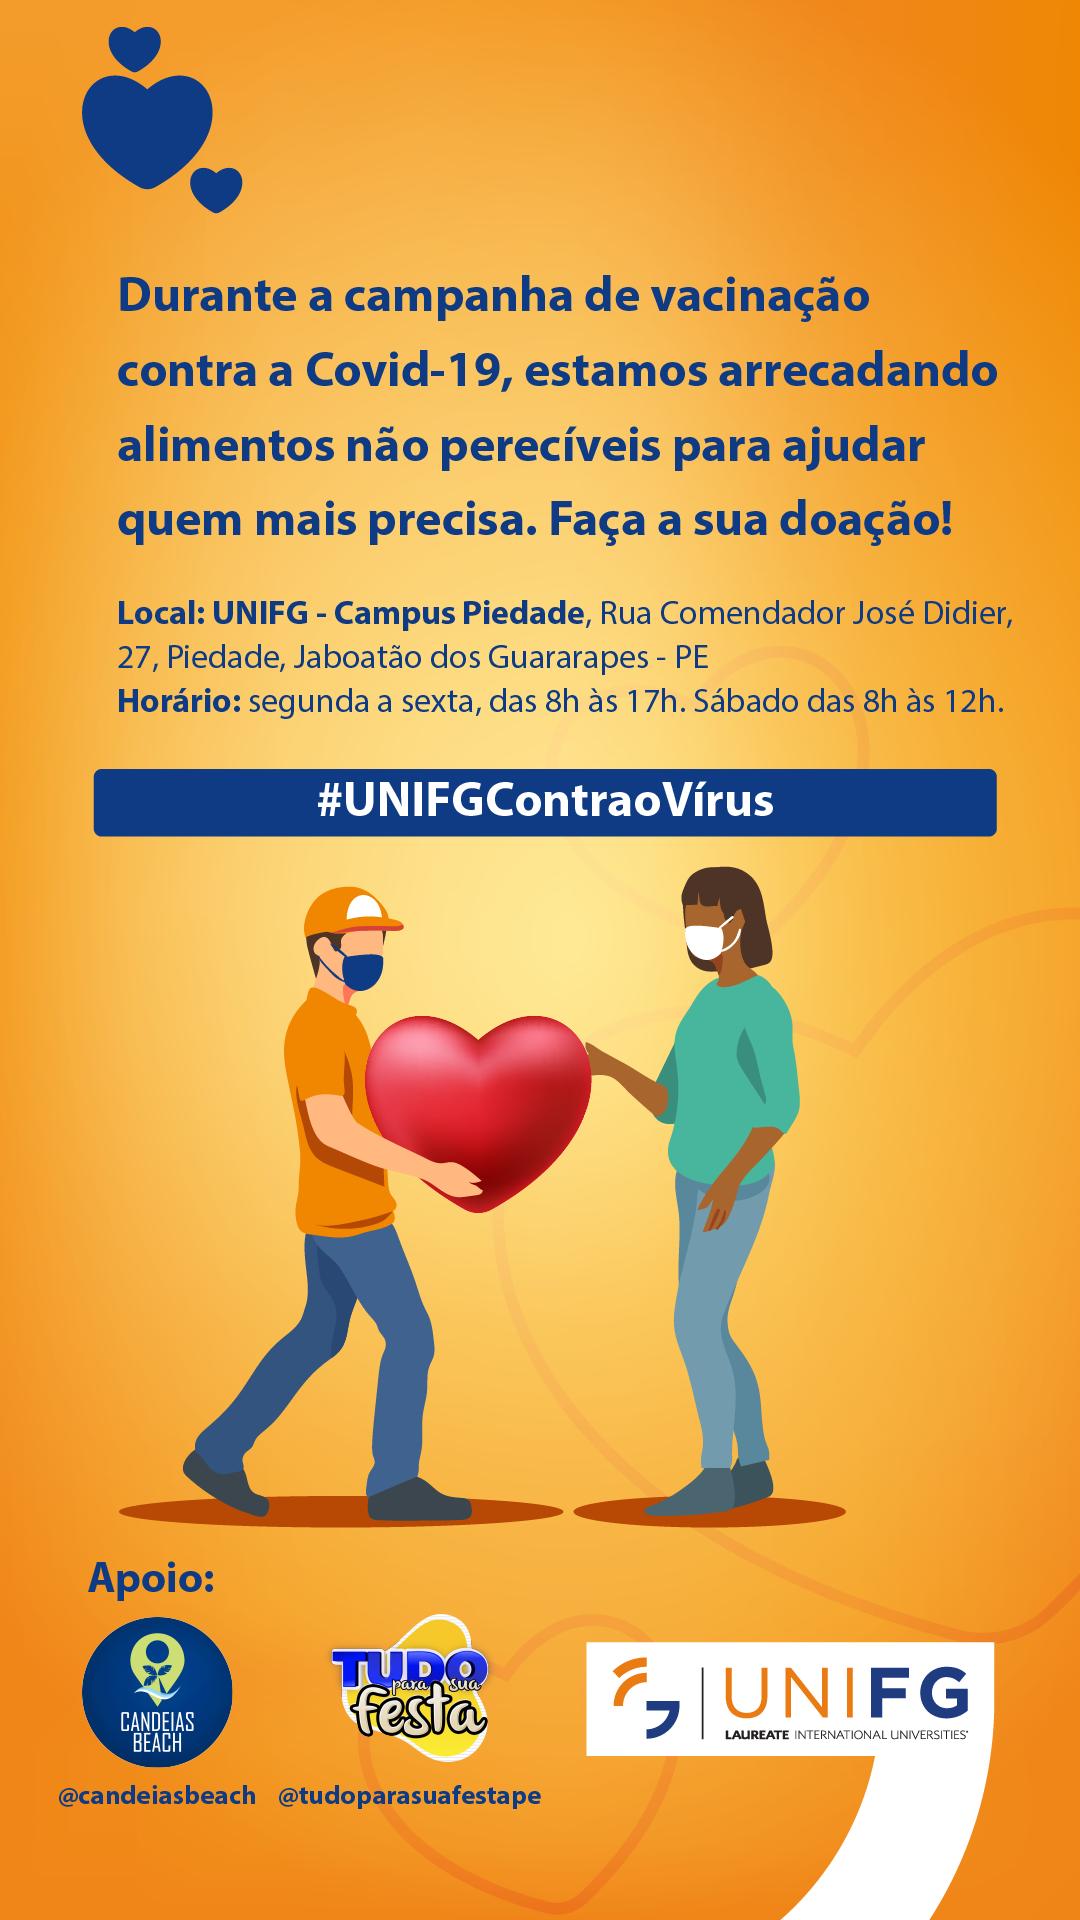 Ponto de vacinação em Jaboatão se torna local para arrecadar doações